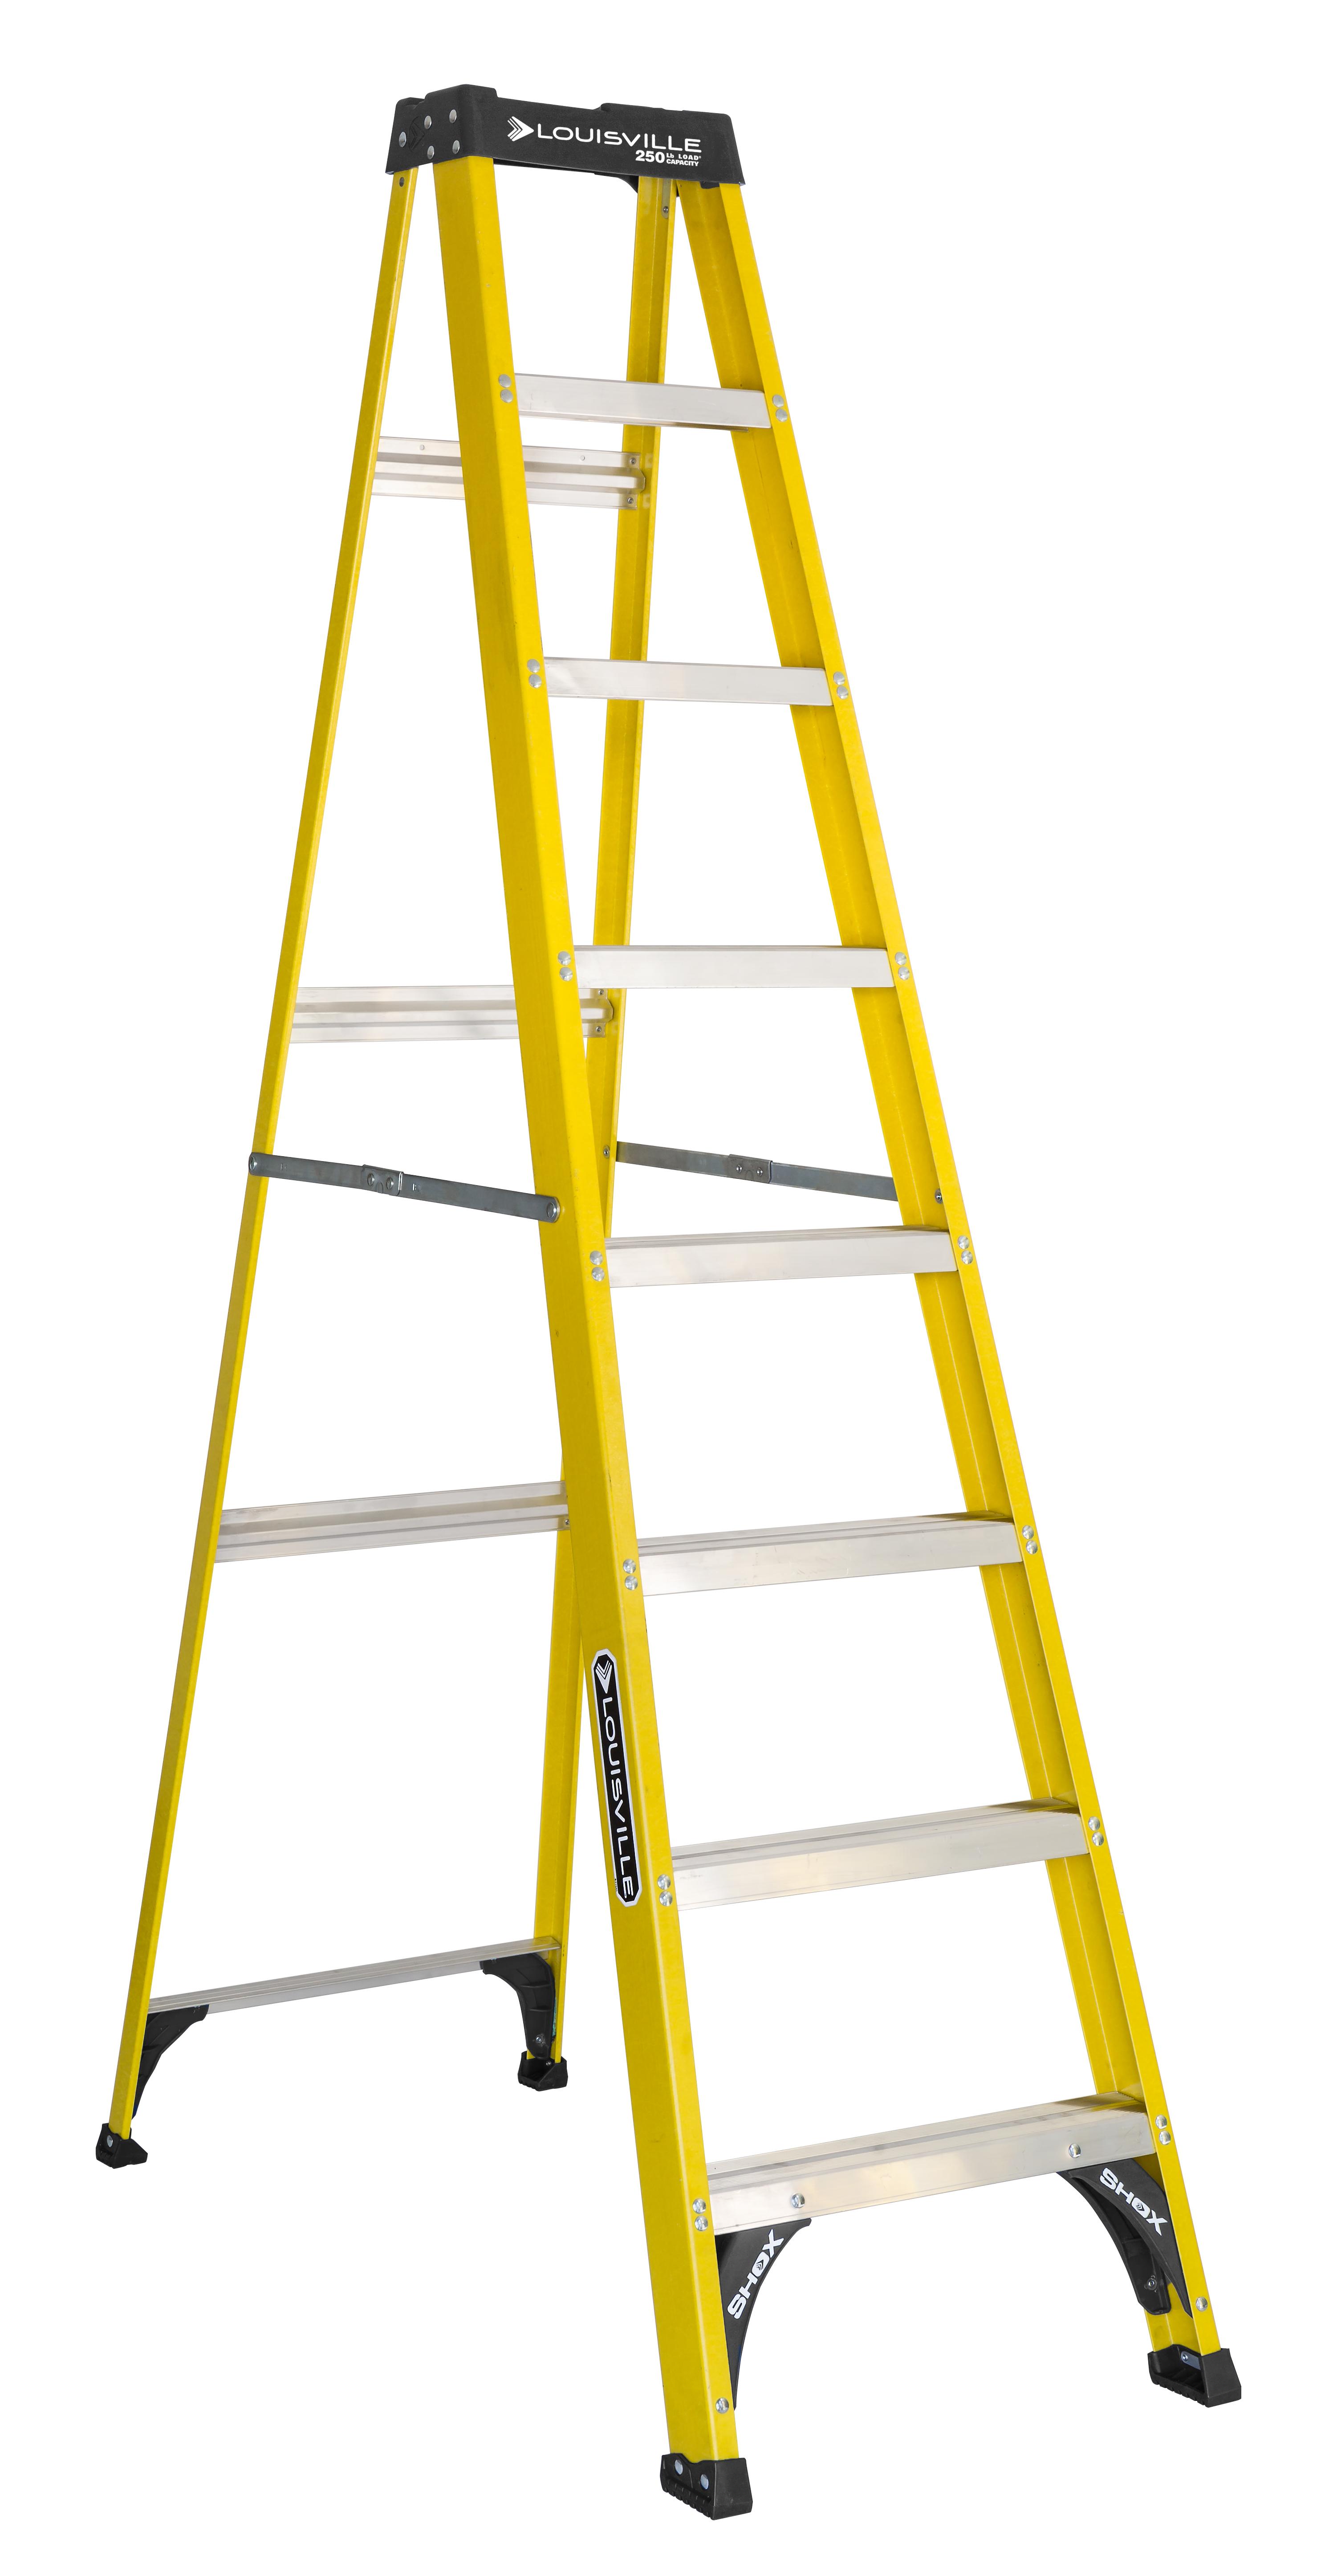 Louisville Ladder 8-foot Fiberglass Step Ladder @Walmart $86 FS